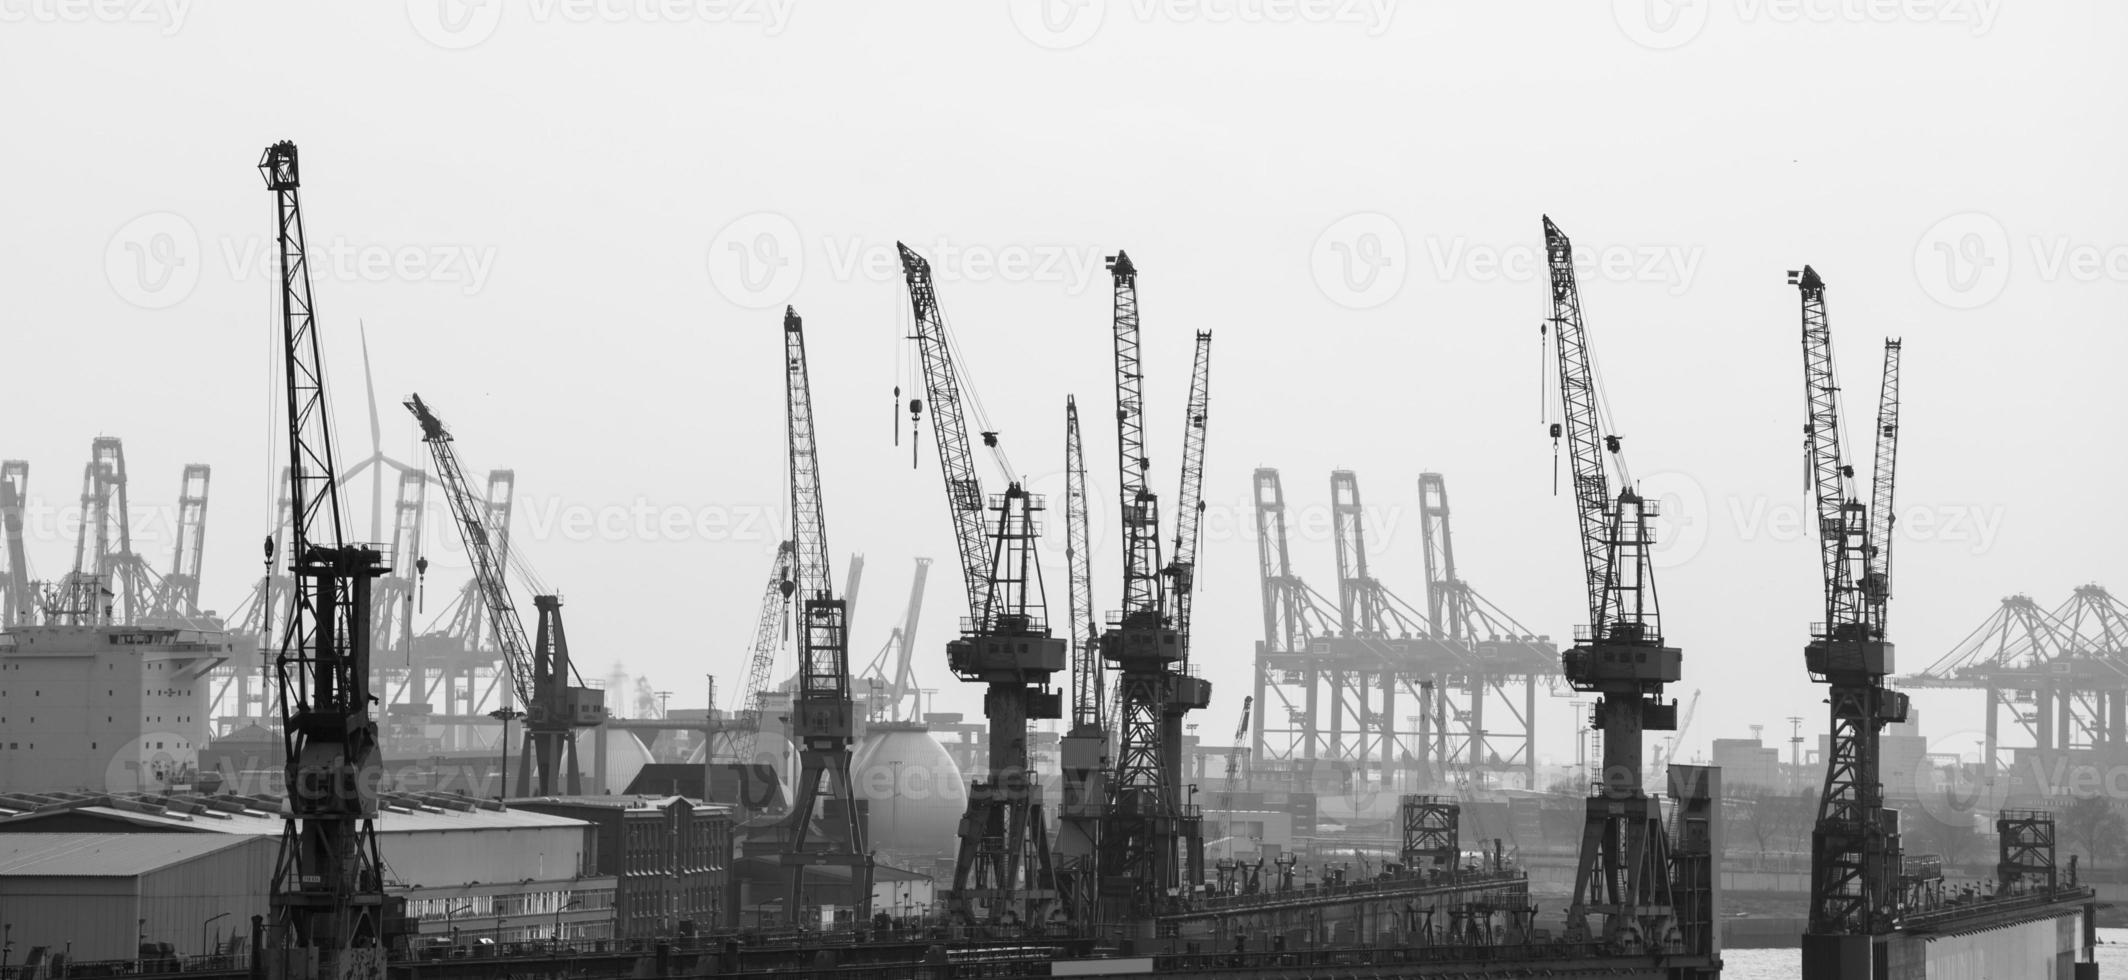 Hamburger Hafenkräne in schwarz und weiß foto